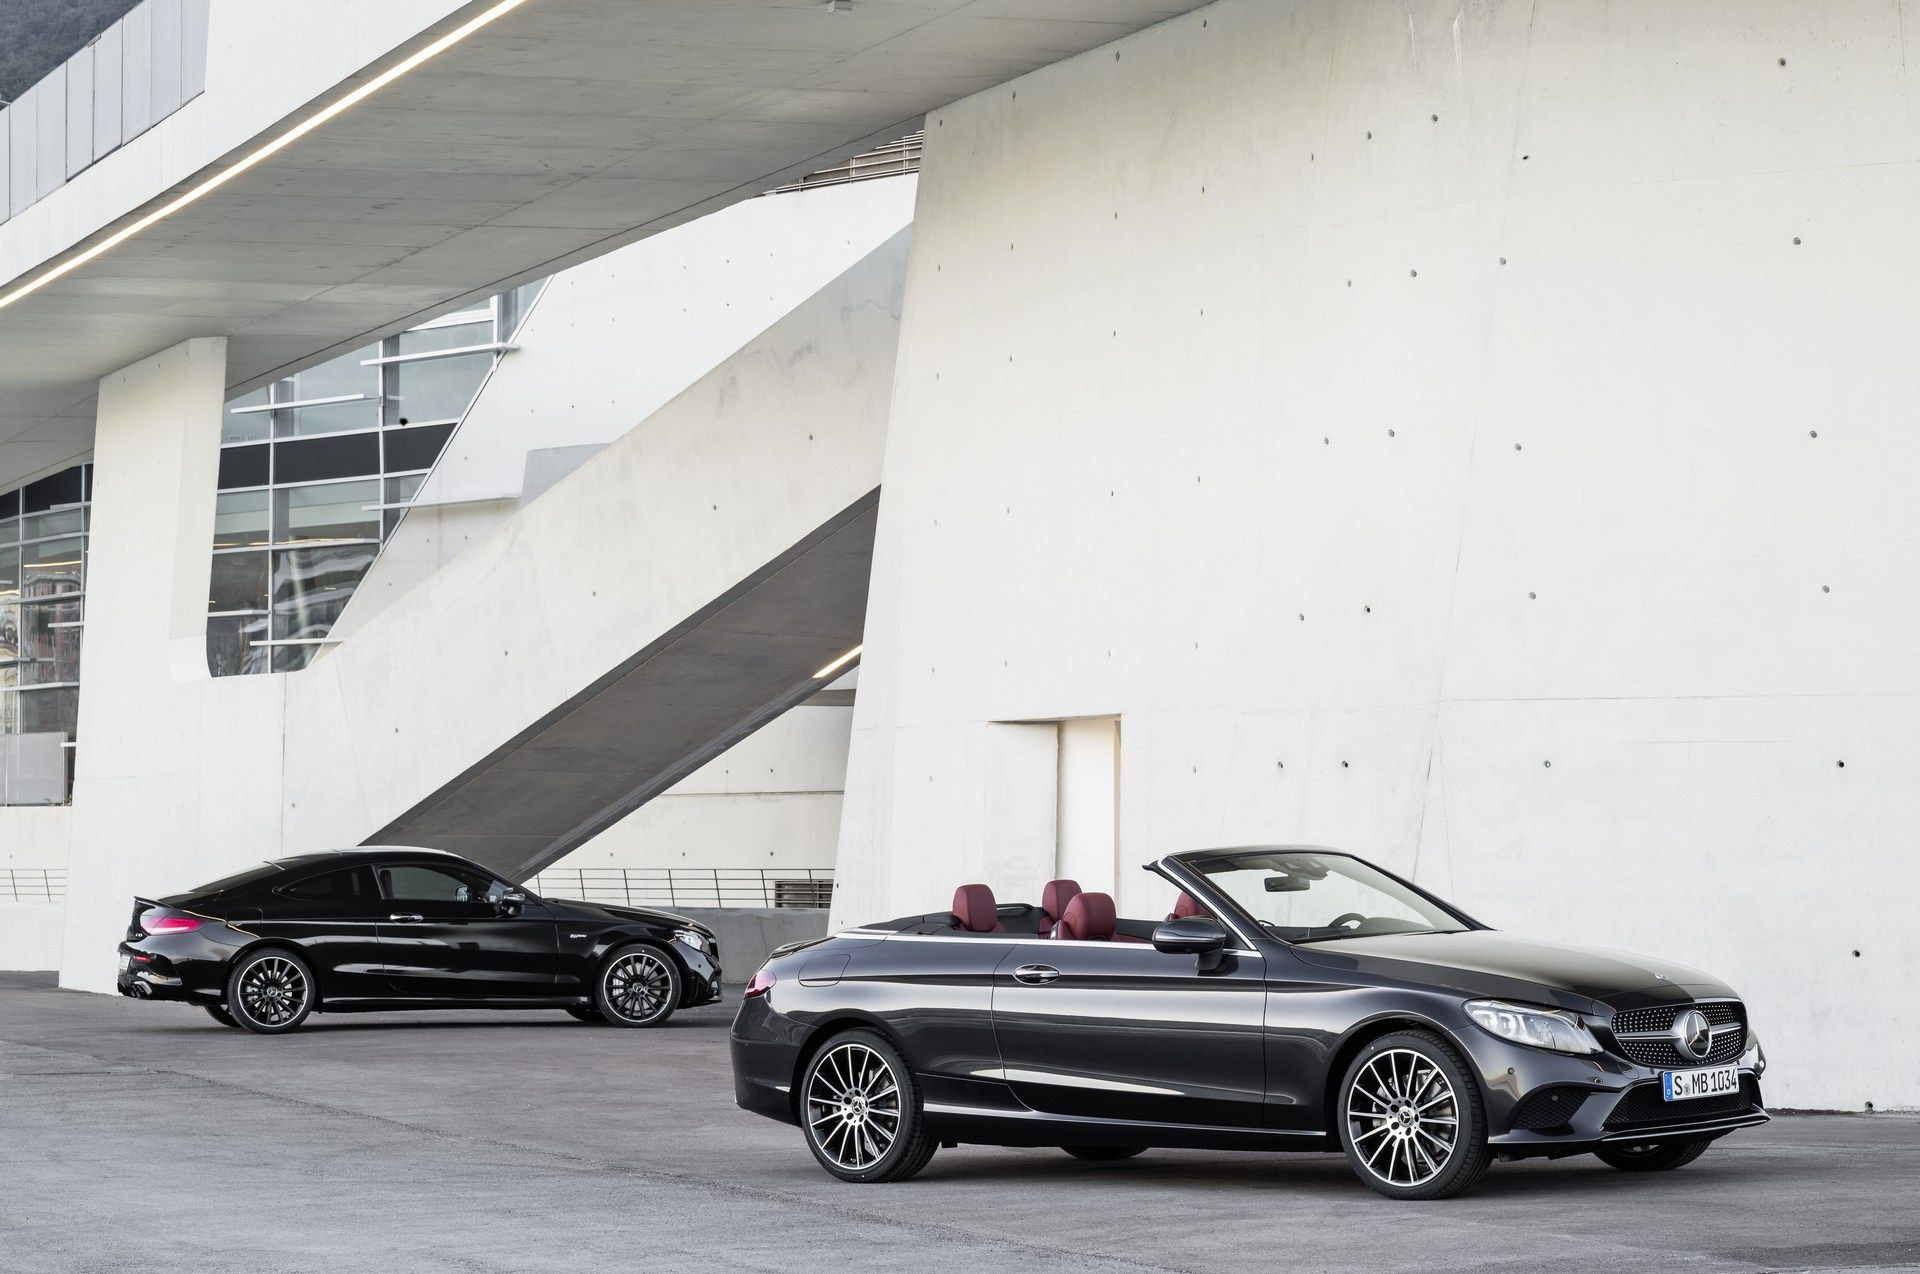 Potenza e fascino: ecco le nuove Mercedes C43 AMG coupé e cabriolet